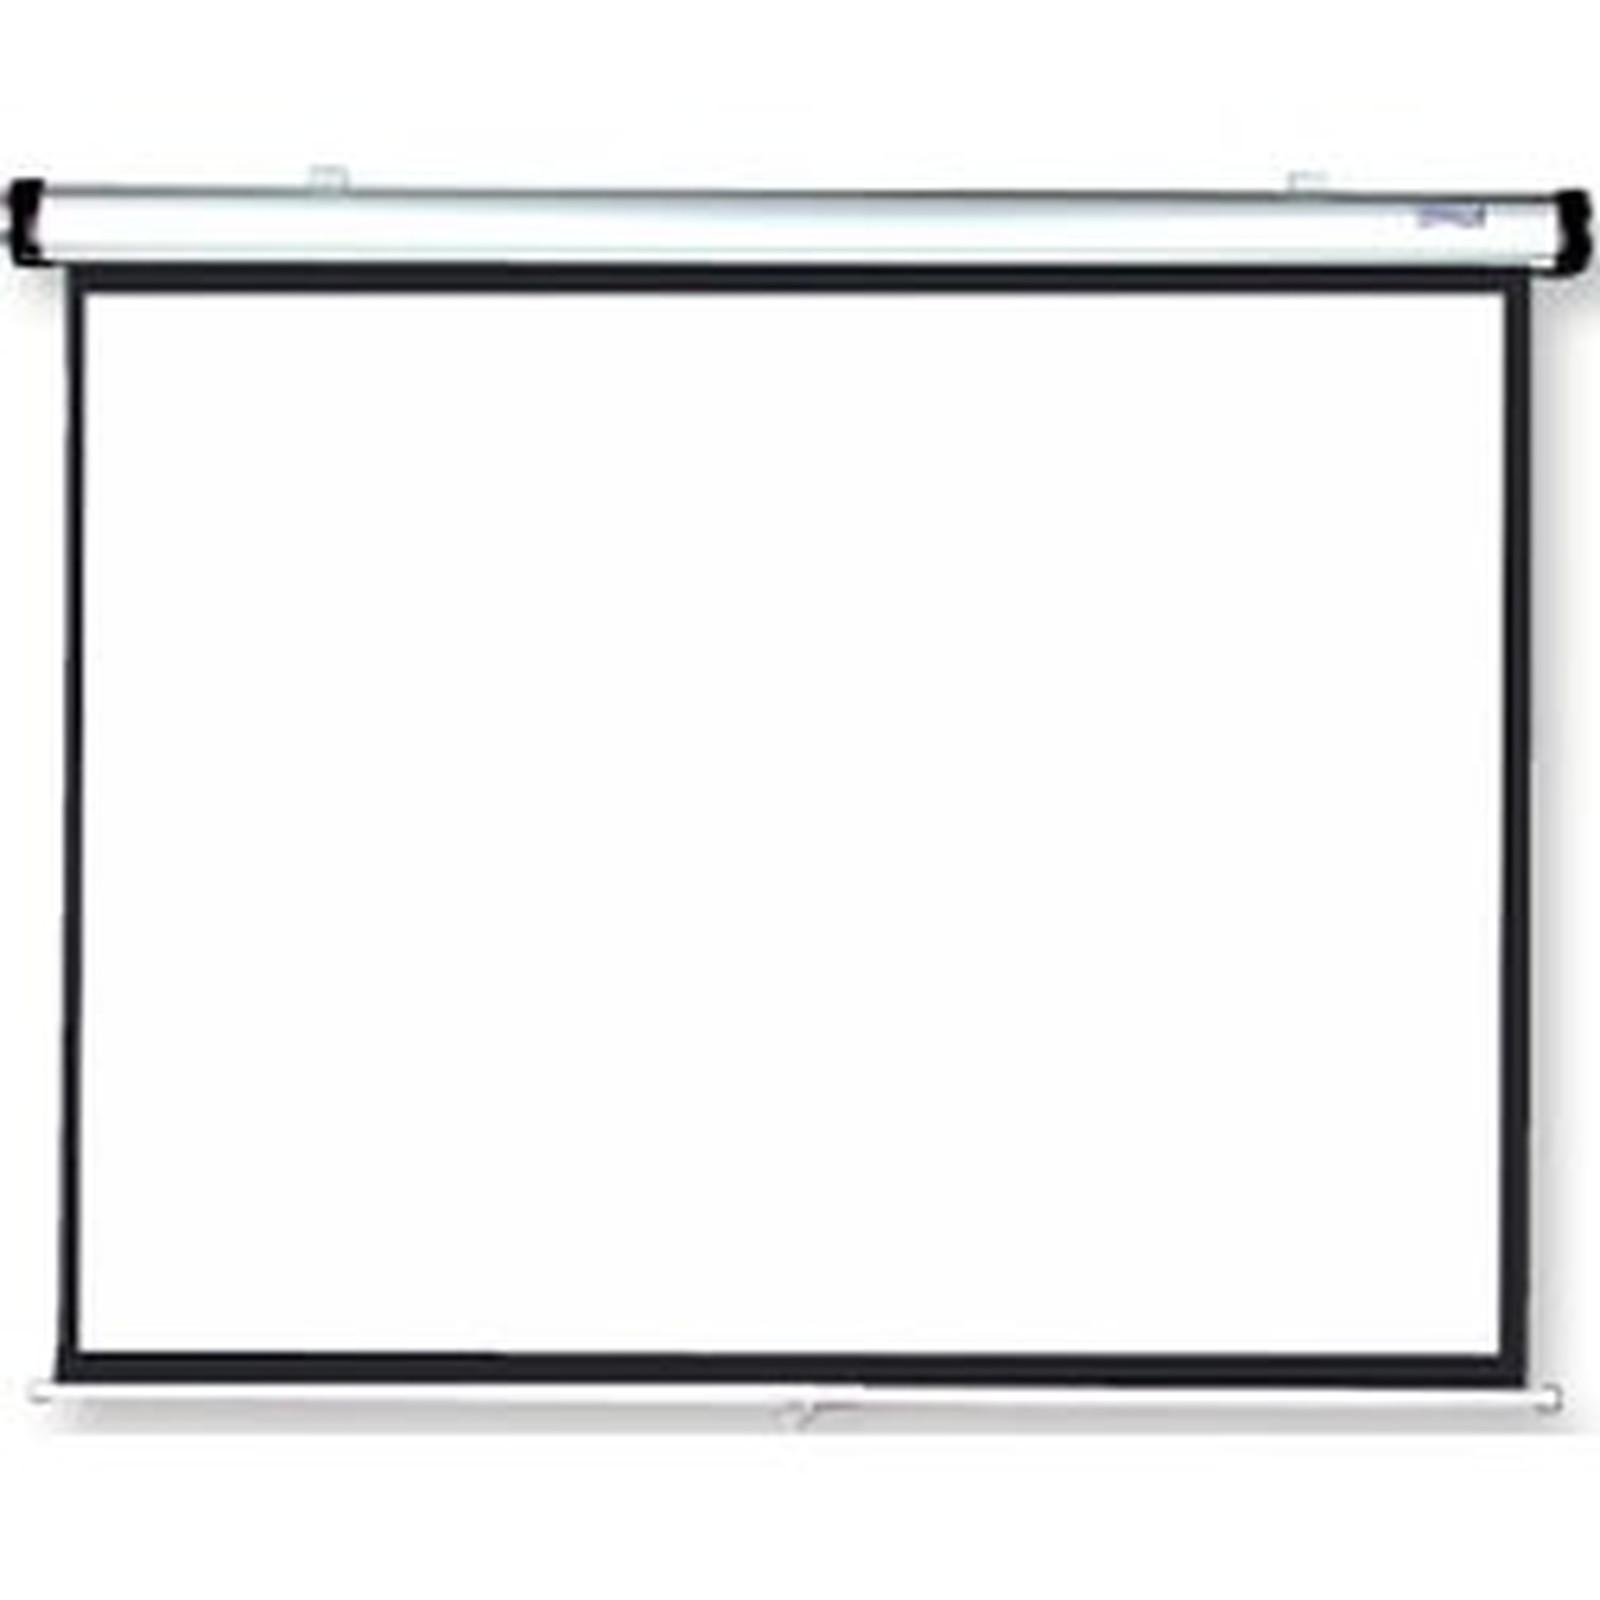 Procolor CARTER-SCREEN CSR - Ecran manuel - Format 1:1 - 178x178 cm